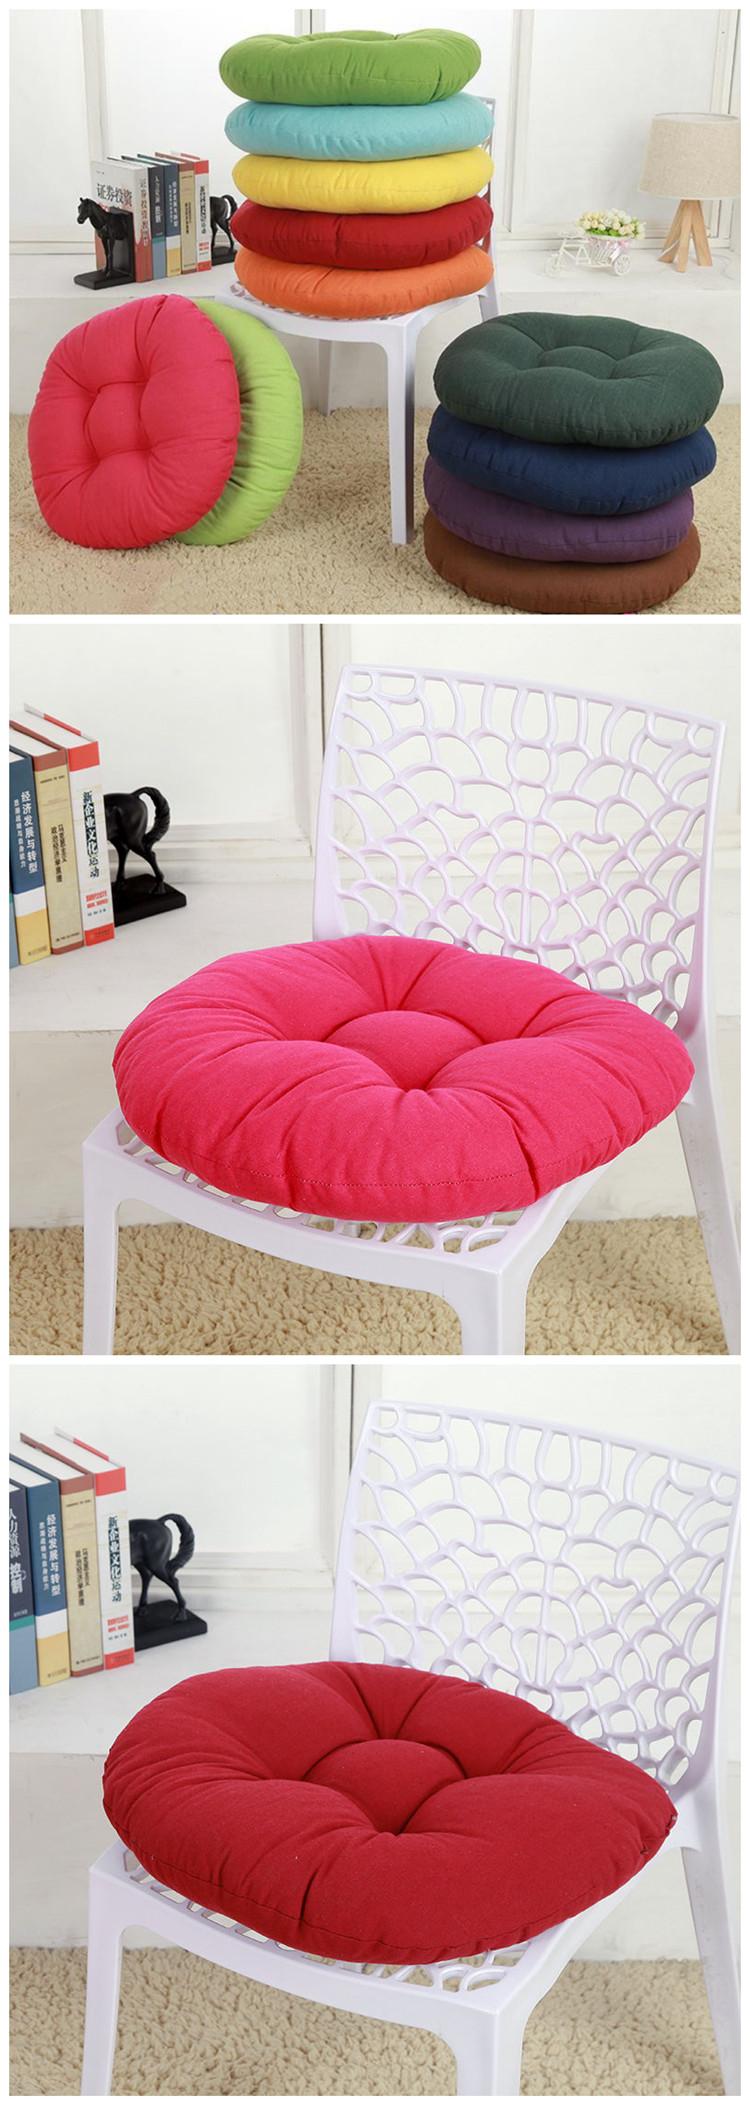 Cuscini Per Pavimento.Acquista Cuscino Di Seduta Rotondo Addensato Cuscino Di Colore